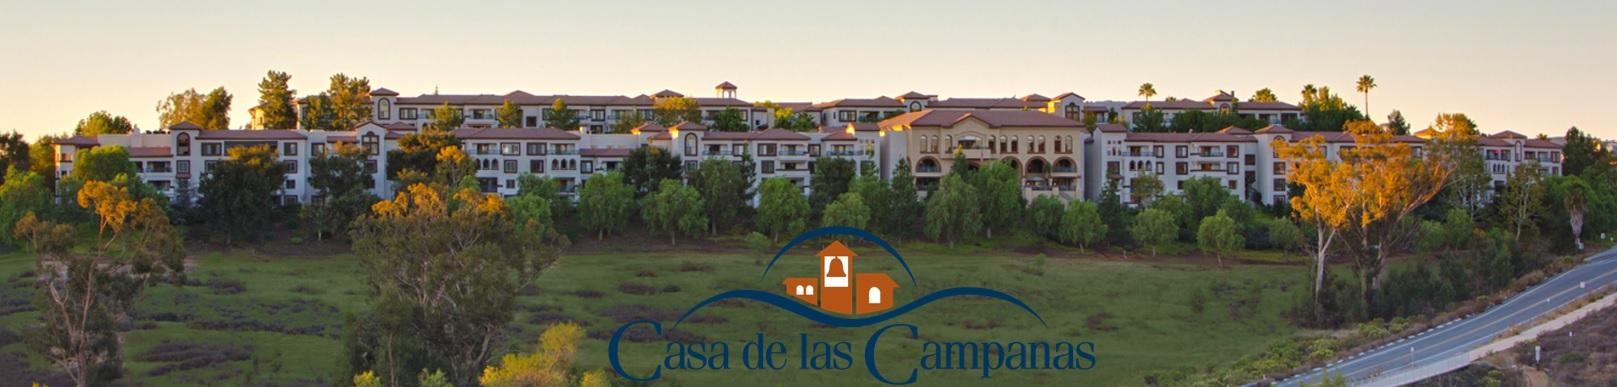 Exterior photo of the Casa de las Campanas multi level senior living facility in Rancho Bernardo